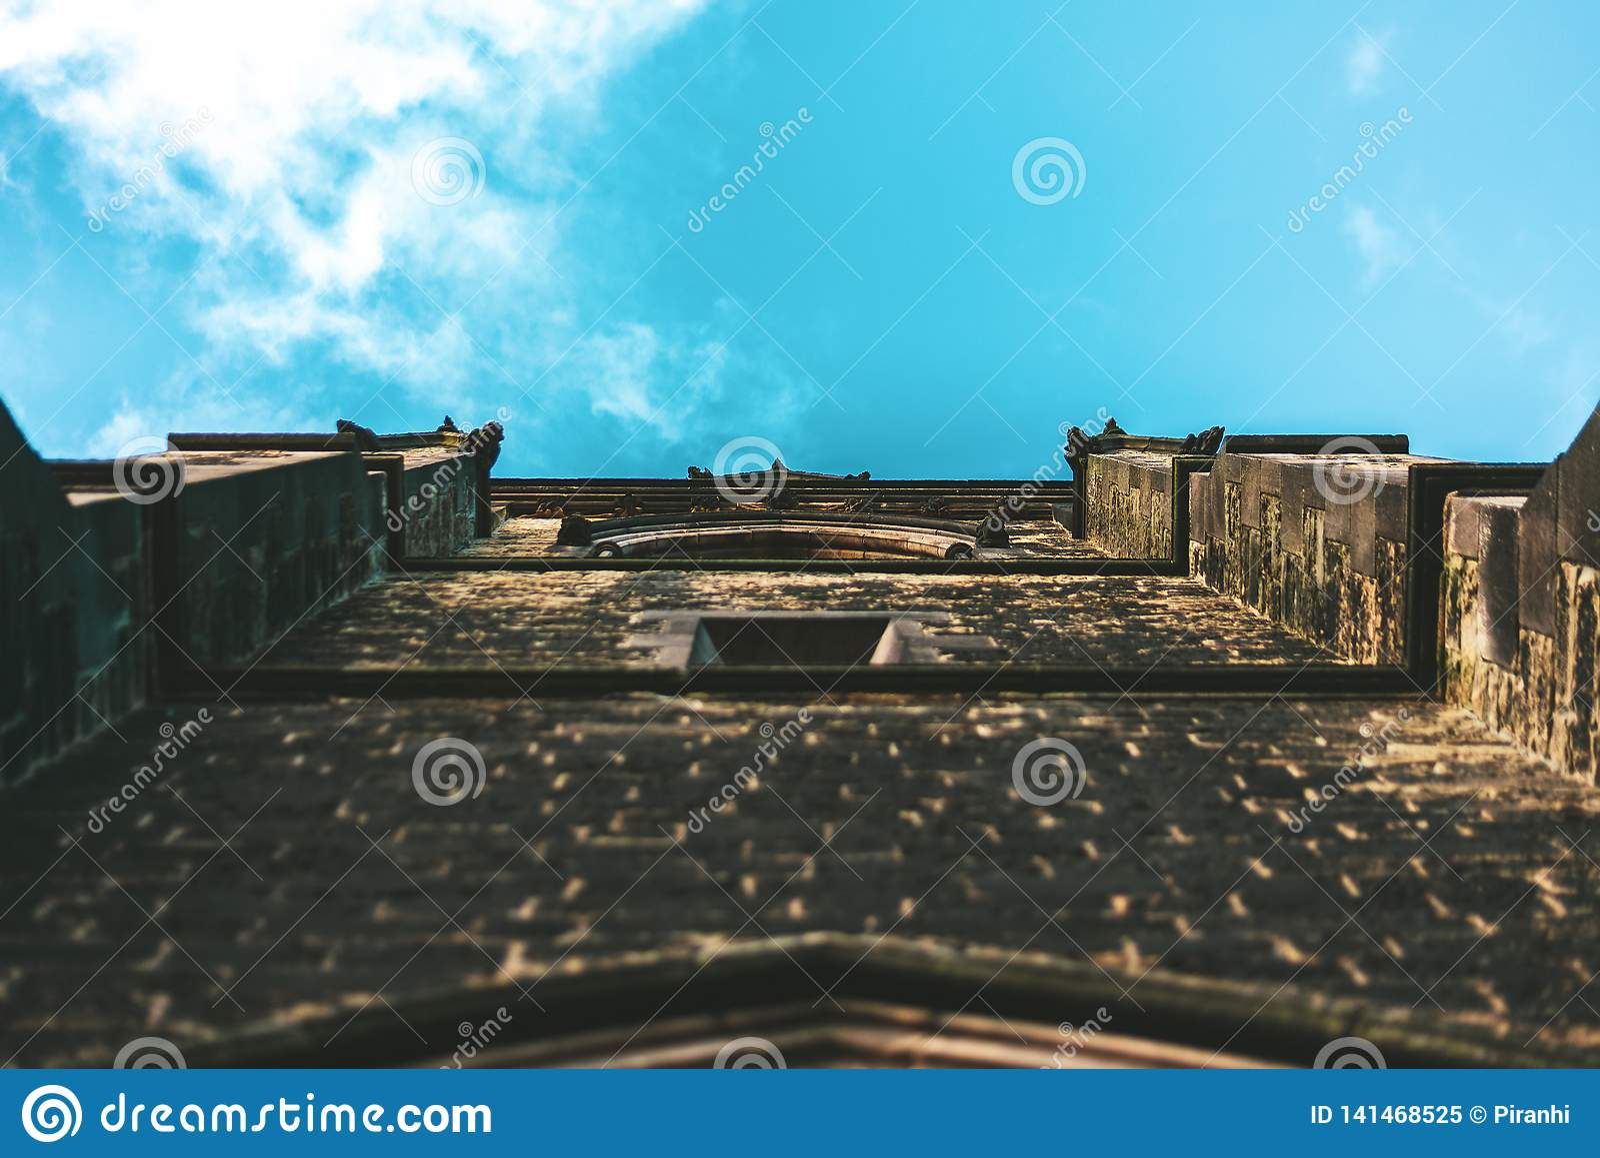 Een schot van een kerkmuur die de hemel bekijken